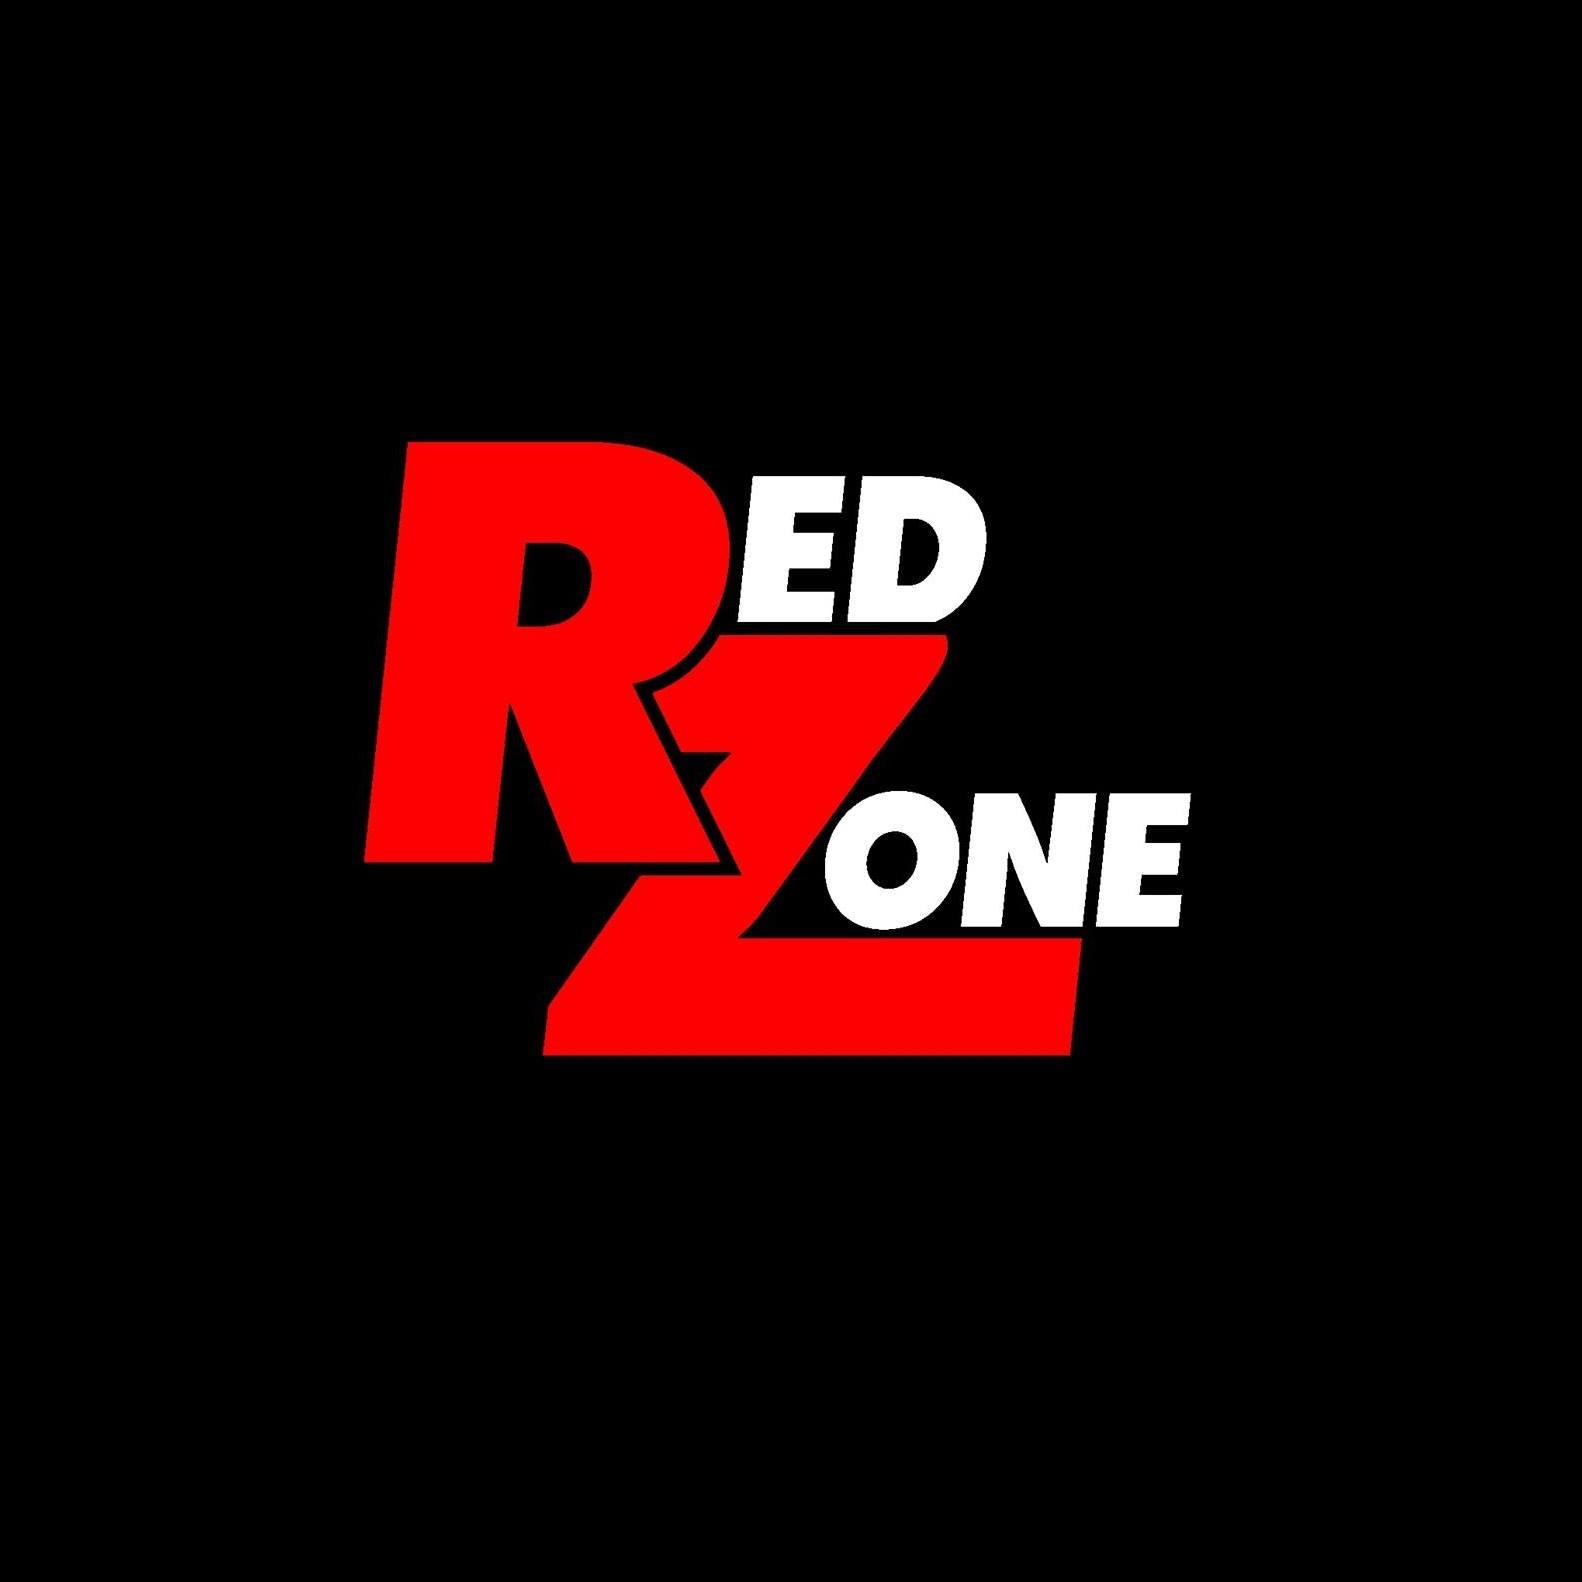 Red_Zone.jpg